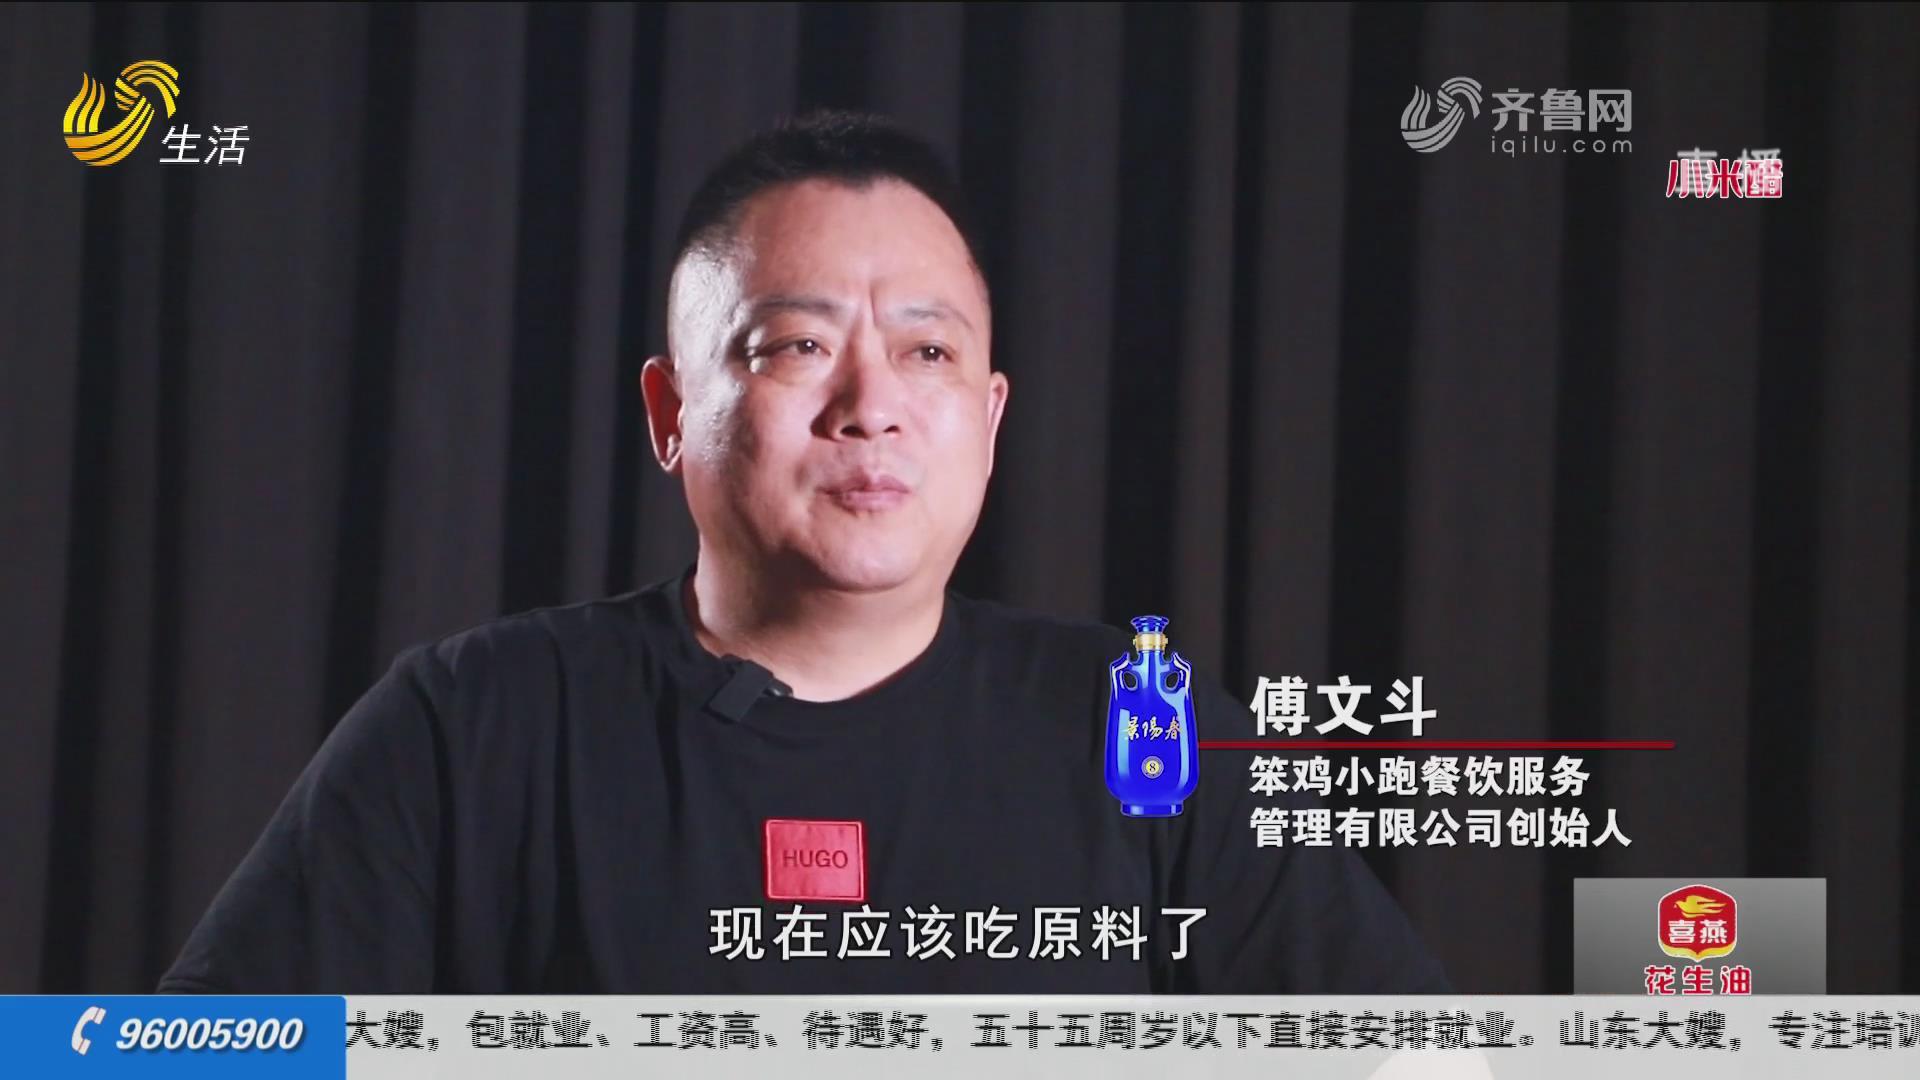 第21场美食大赛【招牌菜】——辣炒沂蒙油鸡